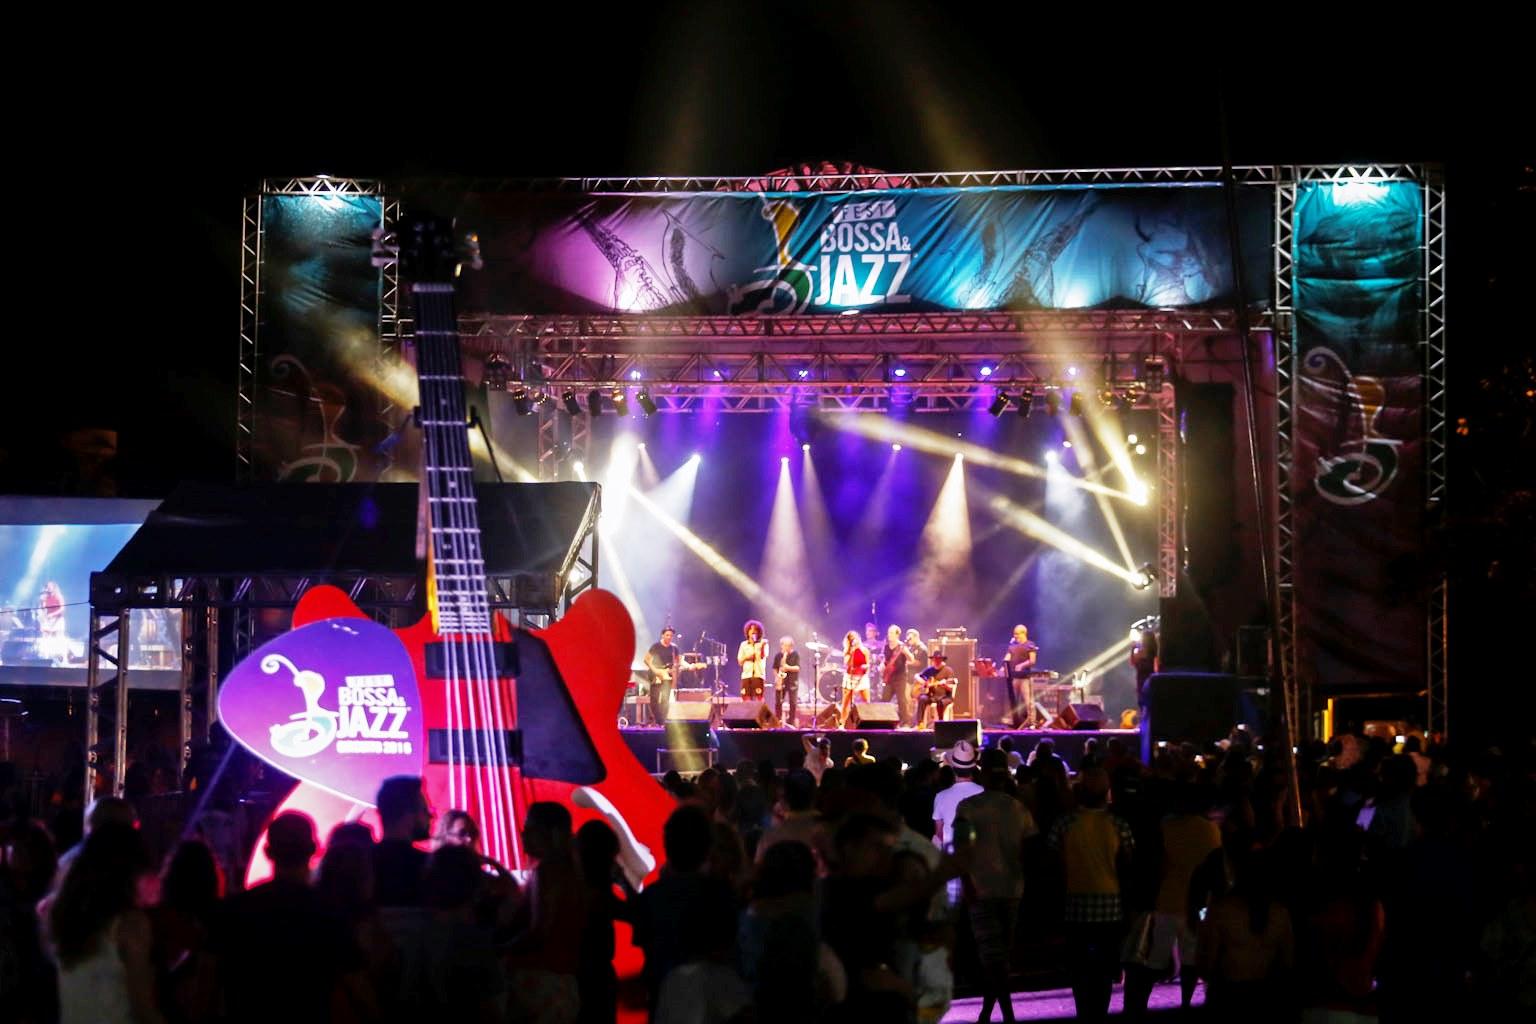 Fest Bossa & Jazz comunica incerteza para edição na Praia de Pipa este ano